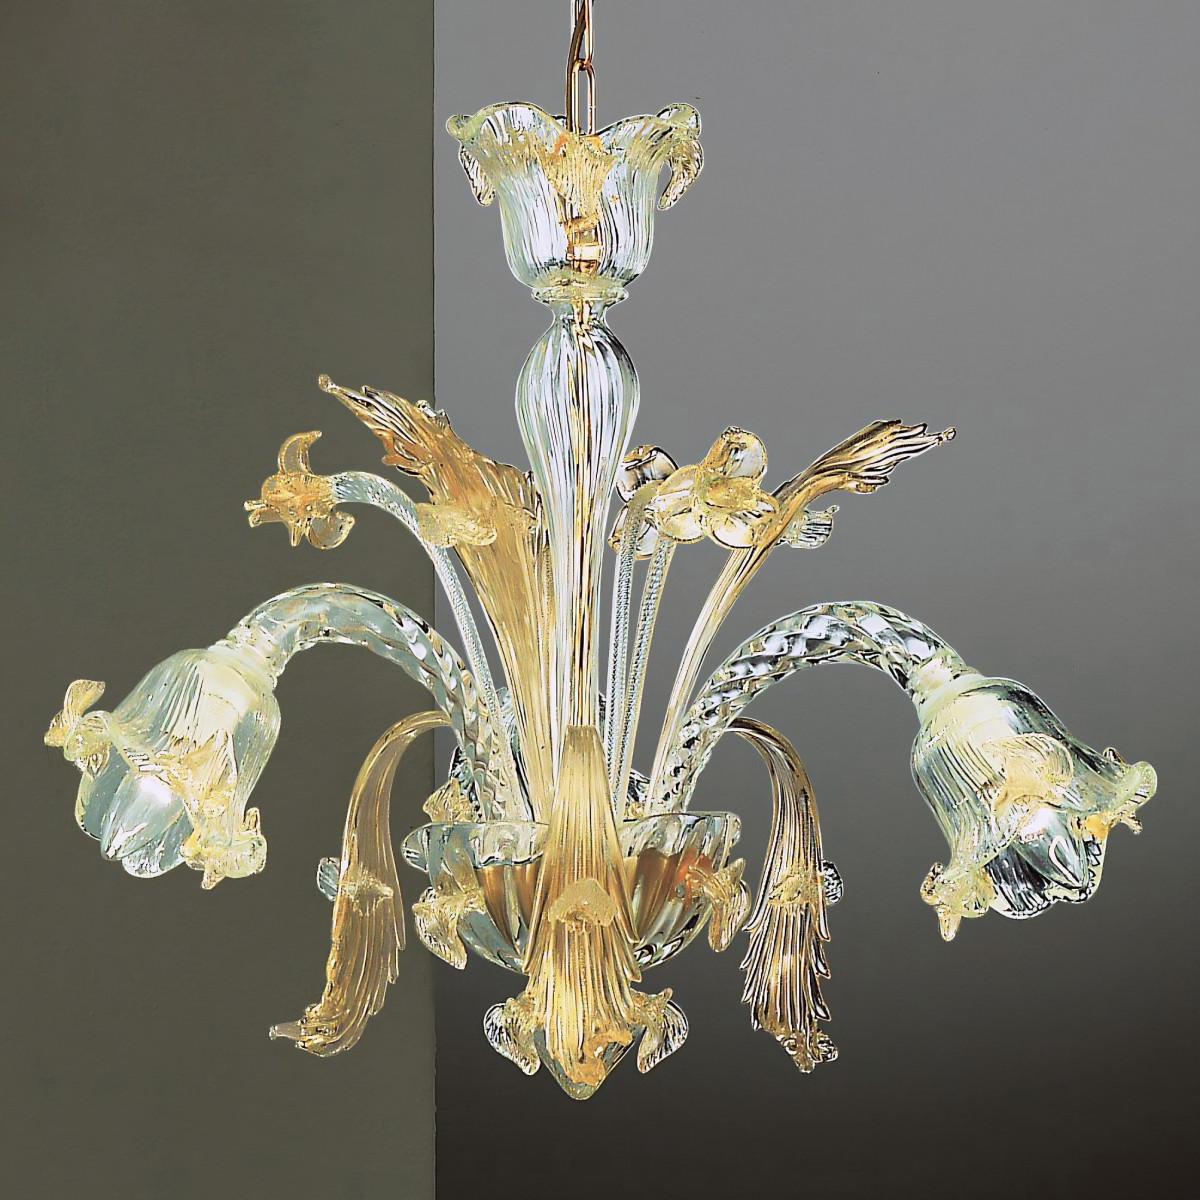 Vivaldi 3 luces lampara Murano - color transparente oro